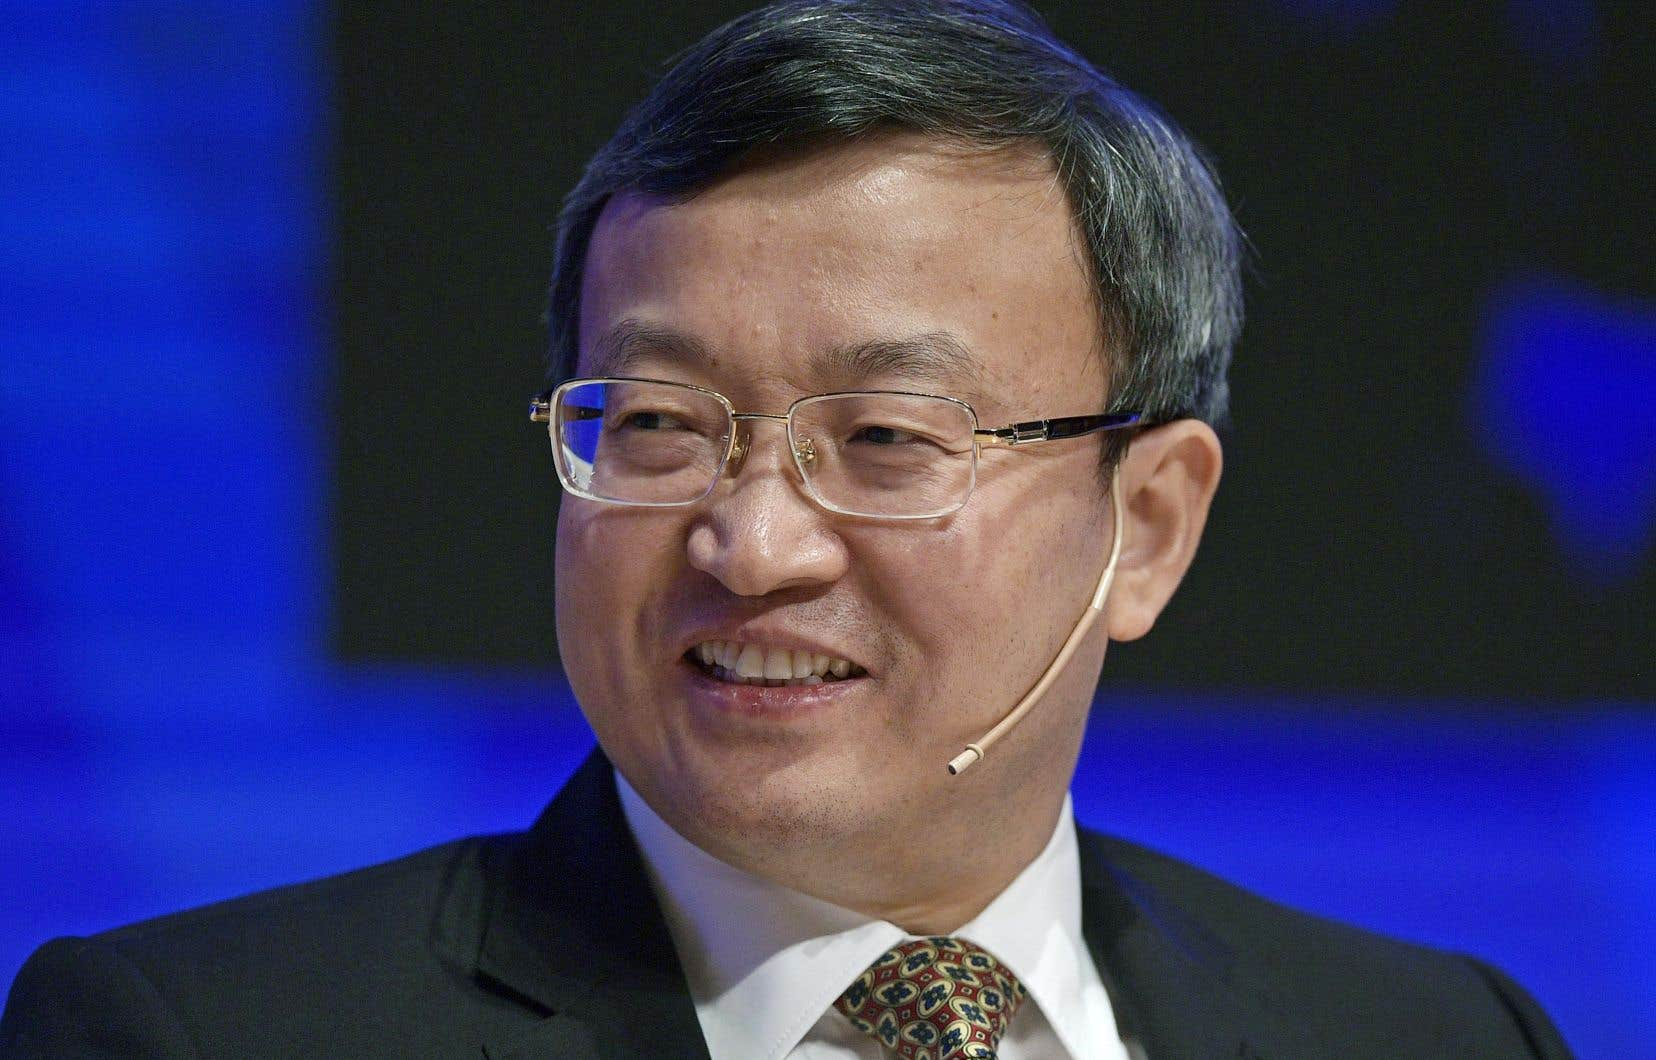 Lors de la réunion de l'OMC, le vice-ministre chinois du Commerce, Wang Shouwen, a répondu avec véhémence aux attaques de Donald Trump, qui accuse Pékin de ne pas respecter les règles du jeu du commerce international.